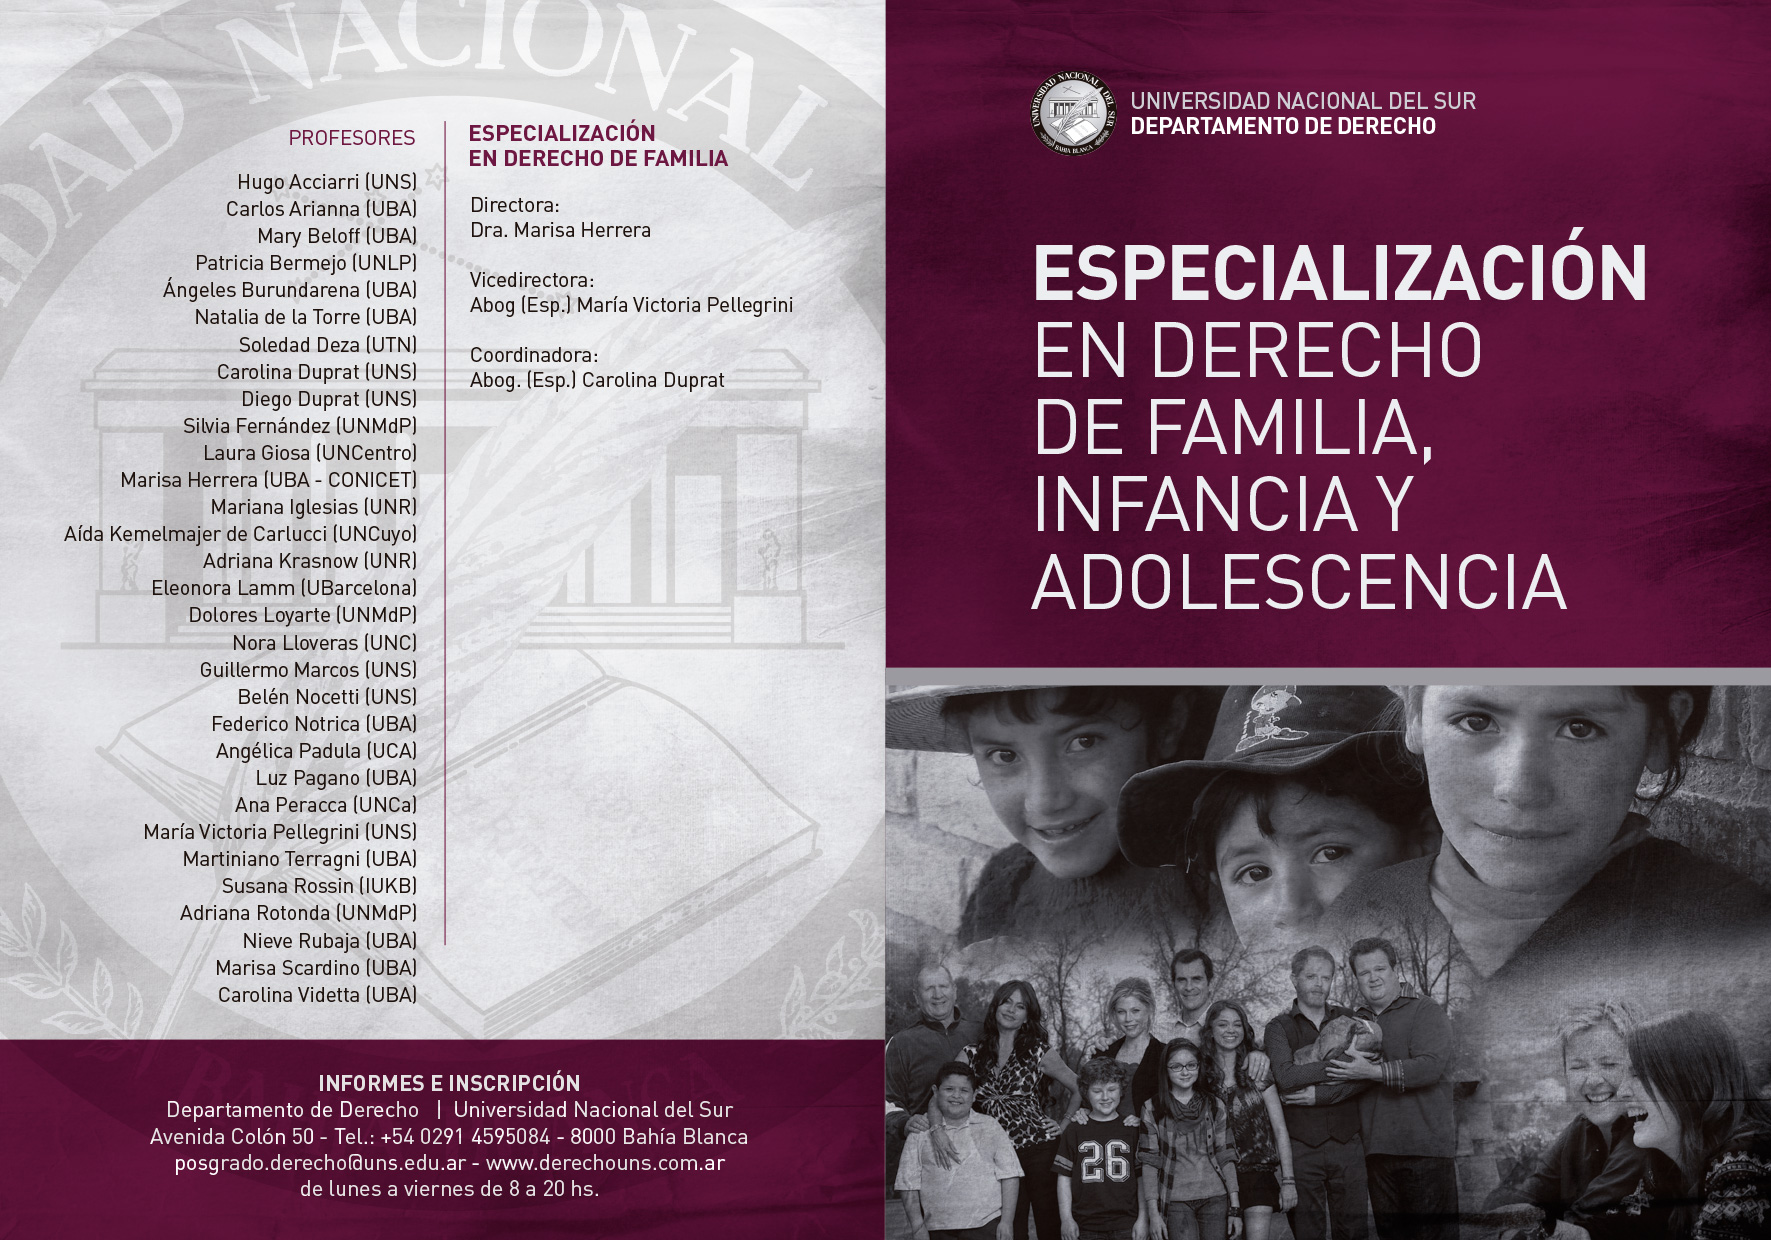 DERECHO-DE-FAMILIA-II-2017-12